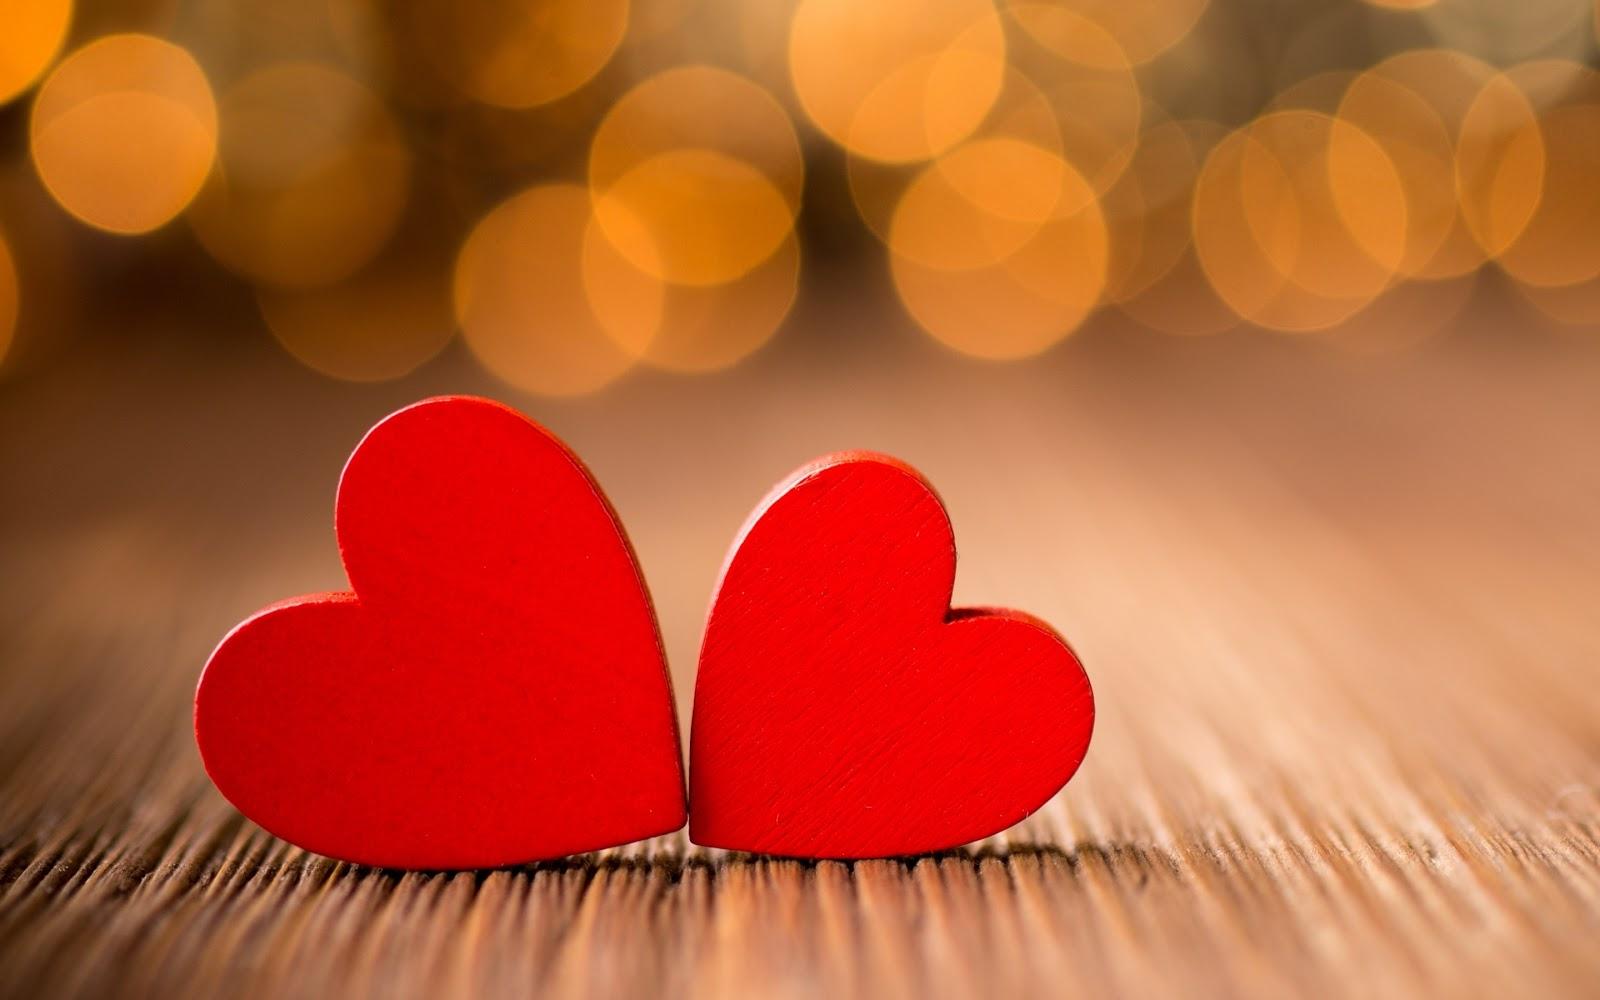 Burradas Frases Bonitas De Amor